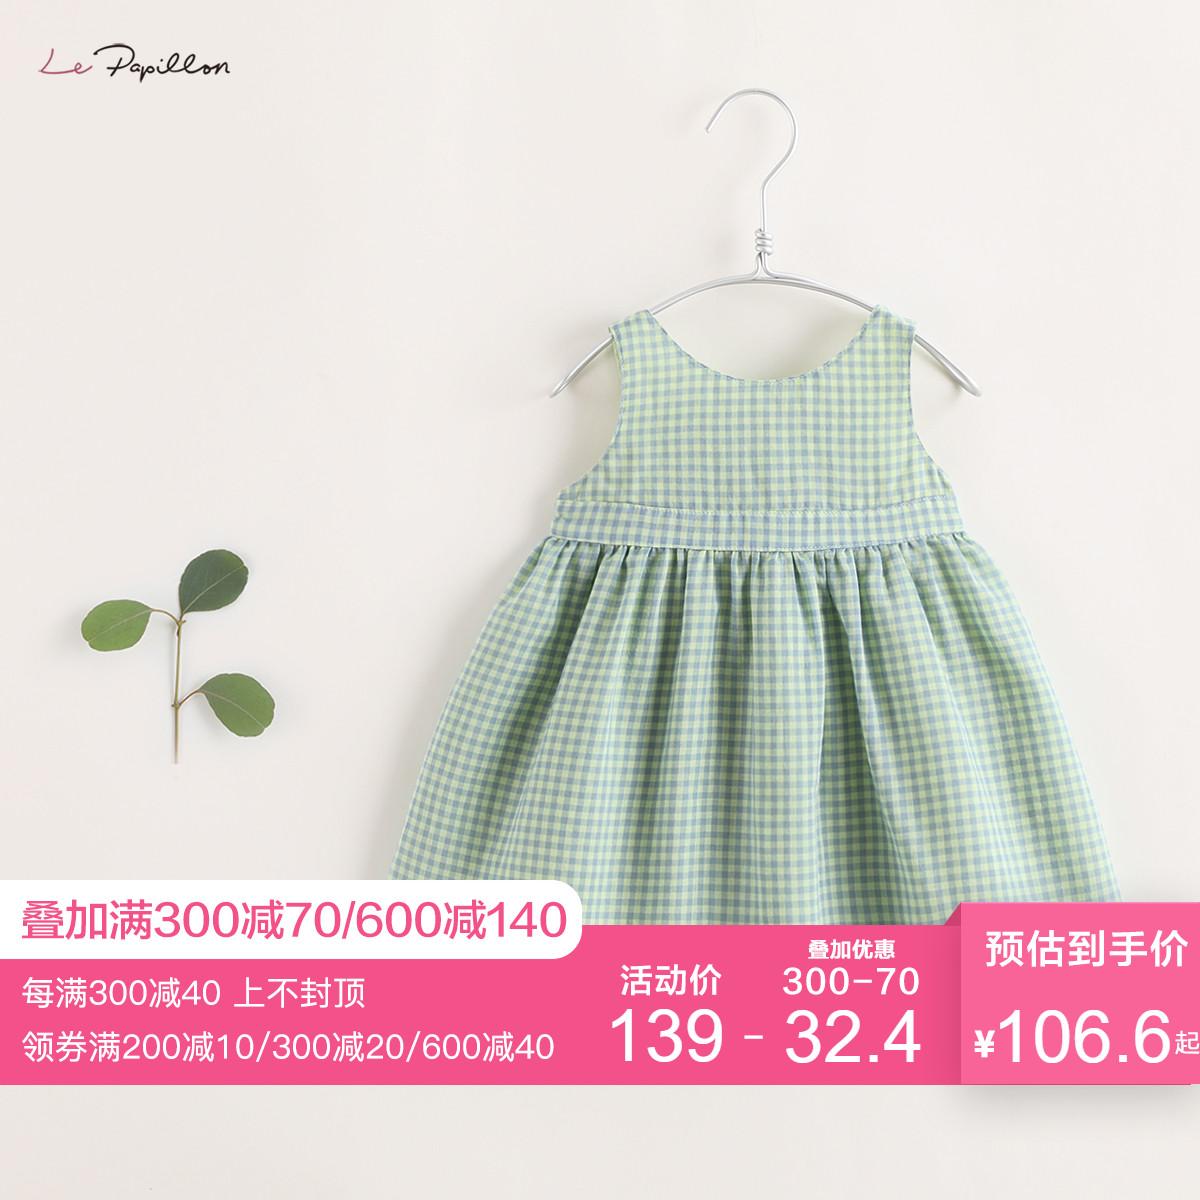 【马克珍妮 法式系列】女童夏装格子连衣裙 宝宝夏季裙子18586